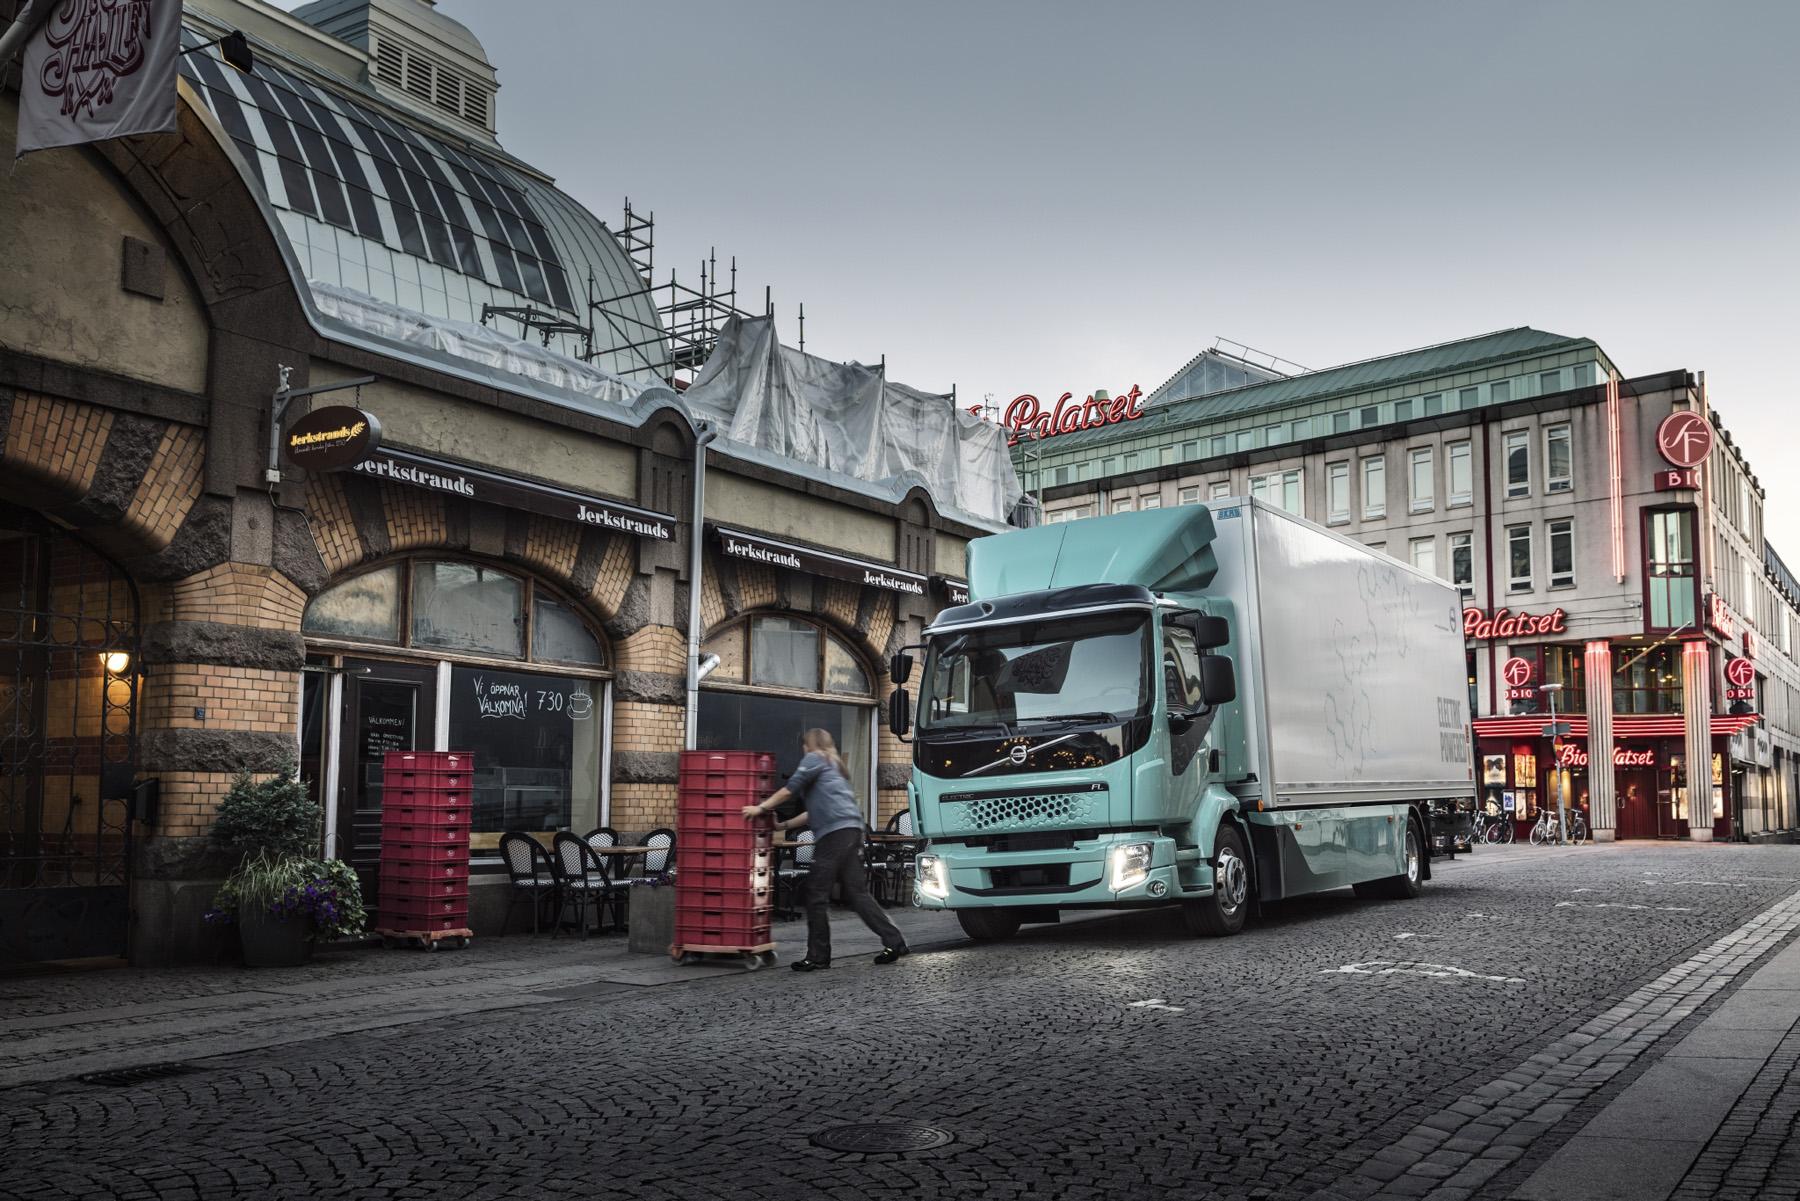 图片2 2019年,沃尔沃卡车开始生产沃尔沃中型FL Electric和FE Electric电动卡车.jpg